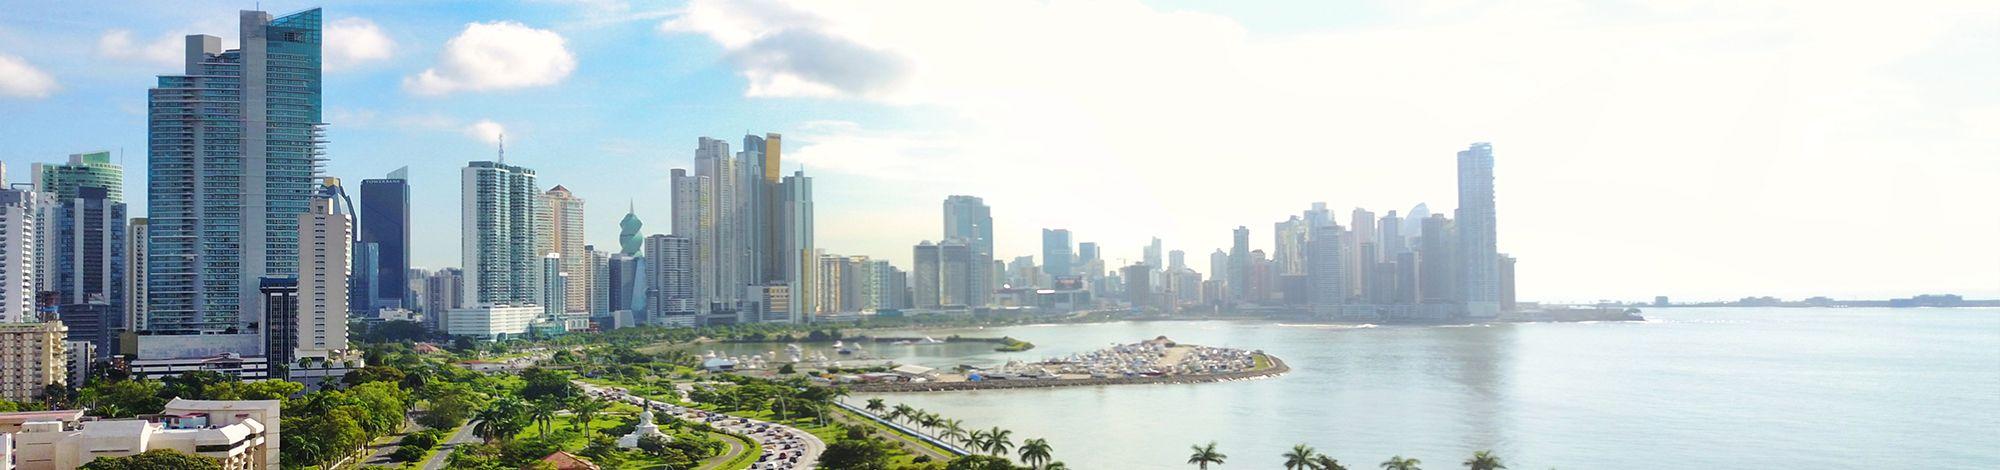 Bild von Panama